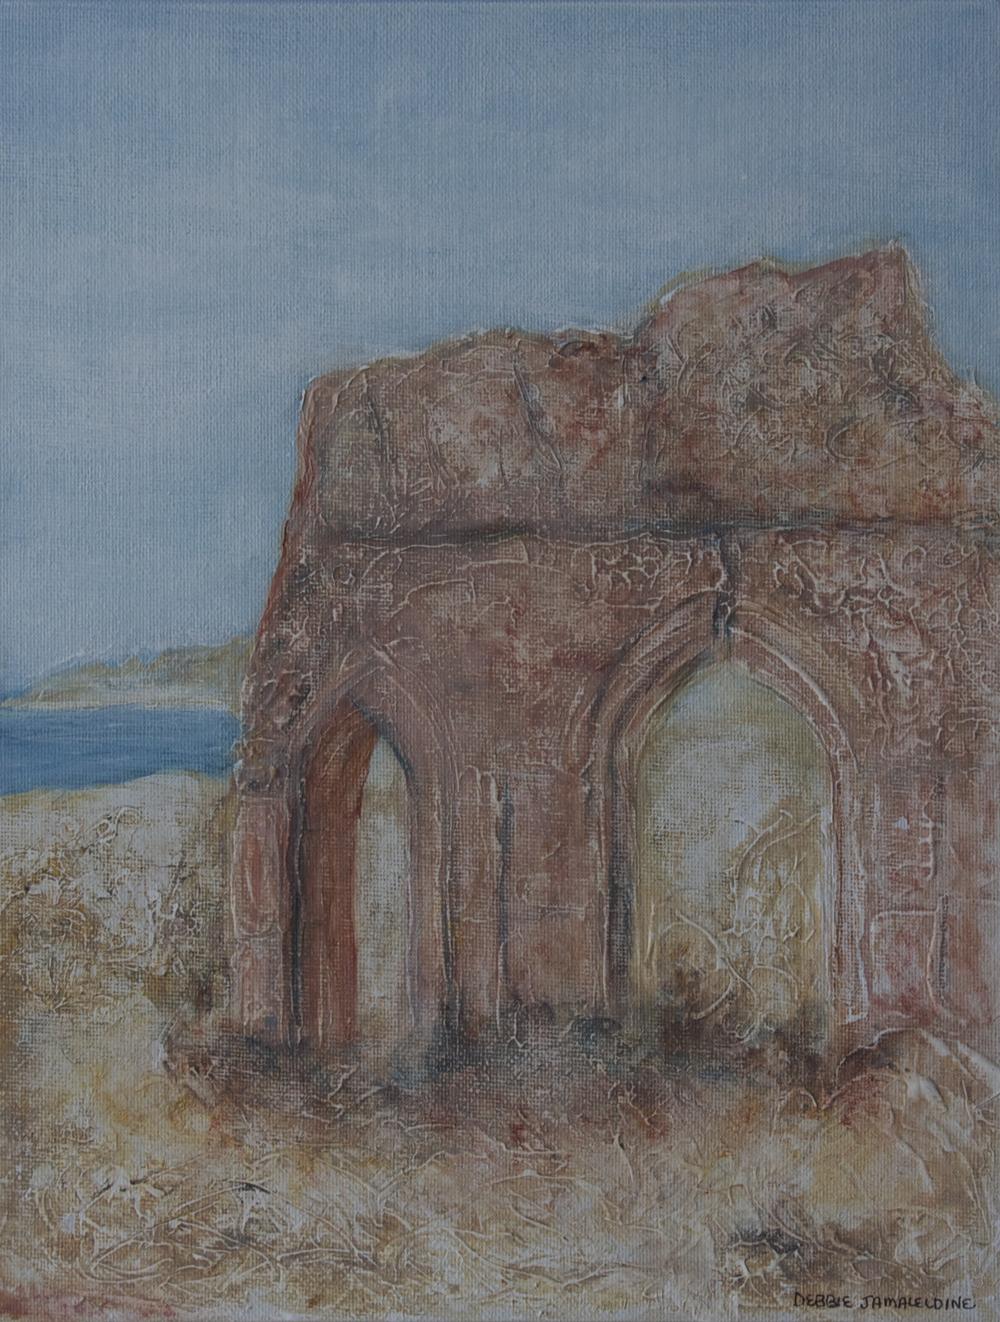 Qalhat Ruins